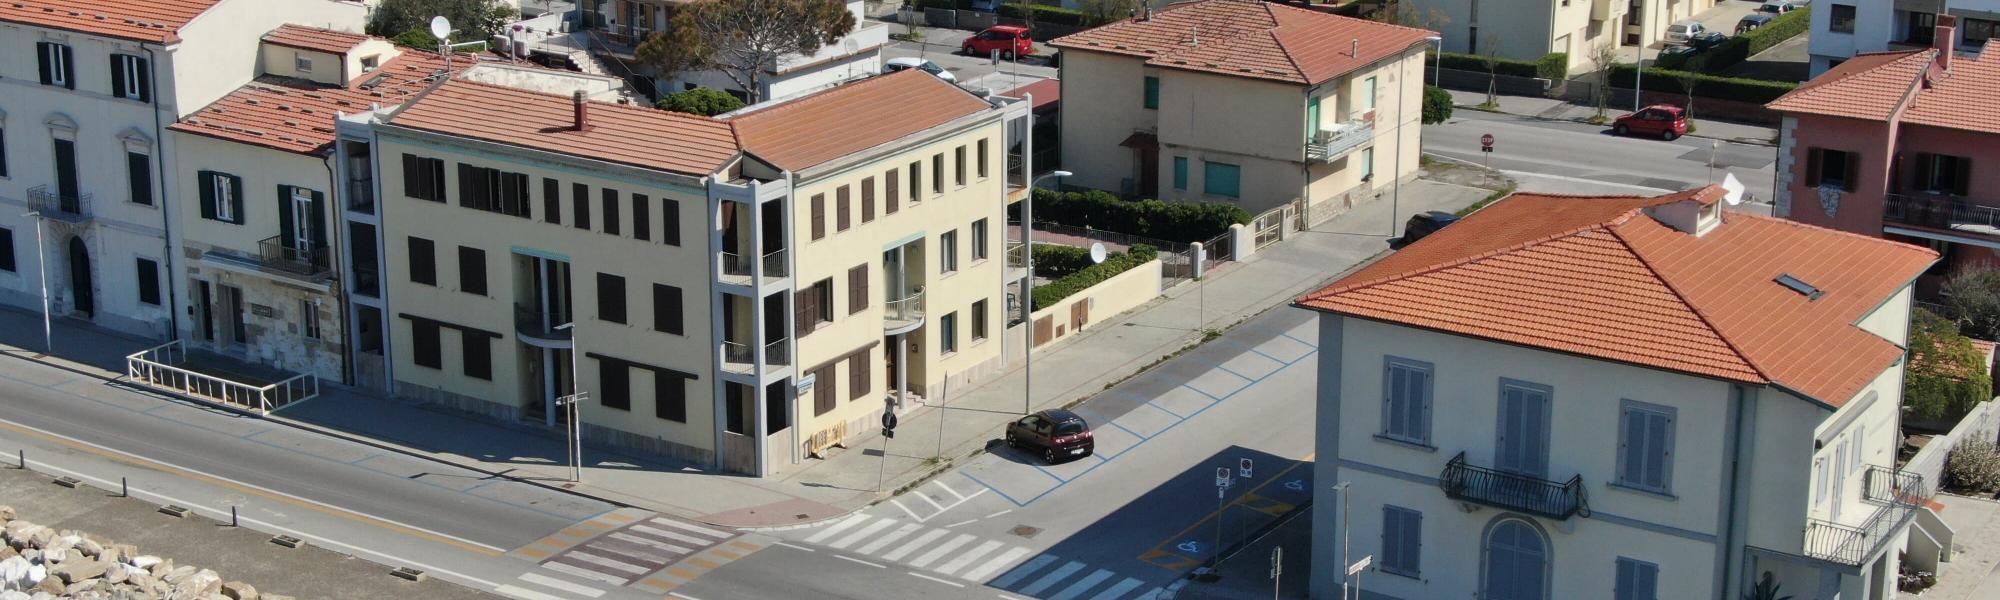 Veduta aerea abitato Marina di Pisa _ foto con drone (M. Boi, Comune di Pisa)